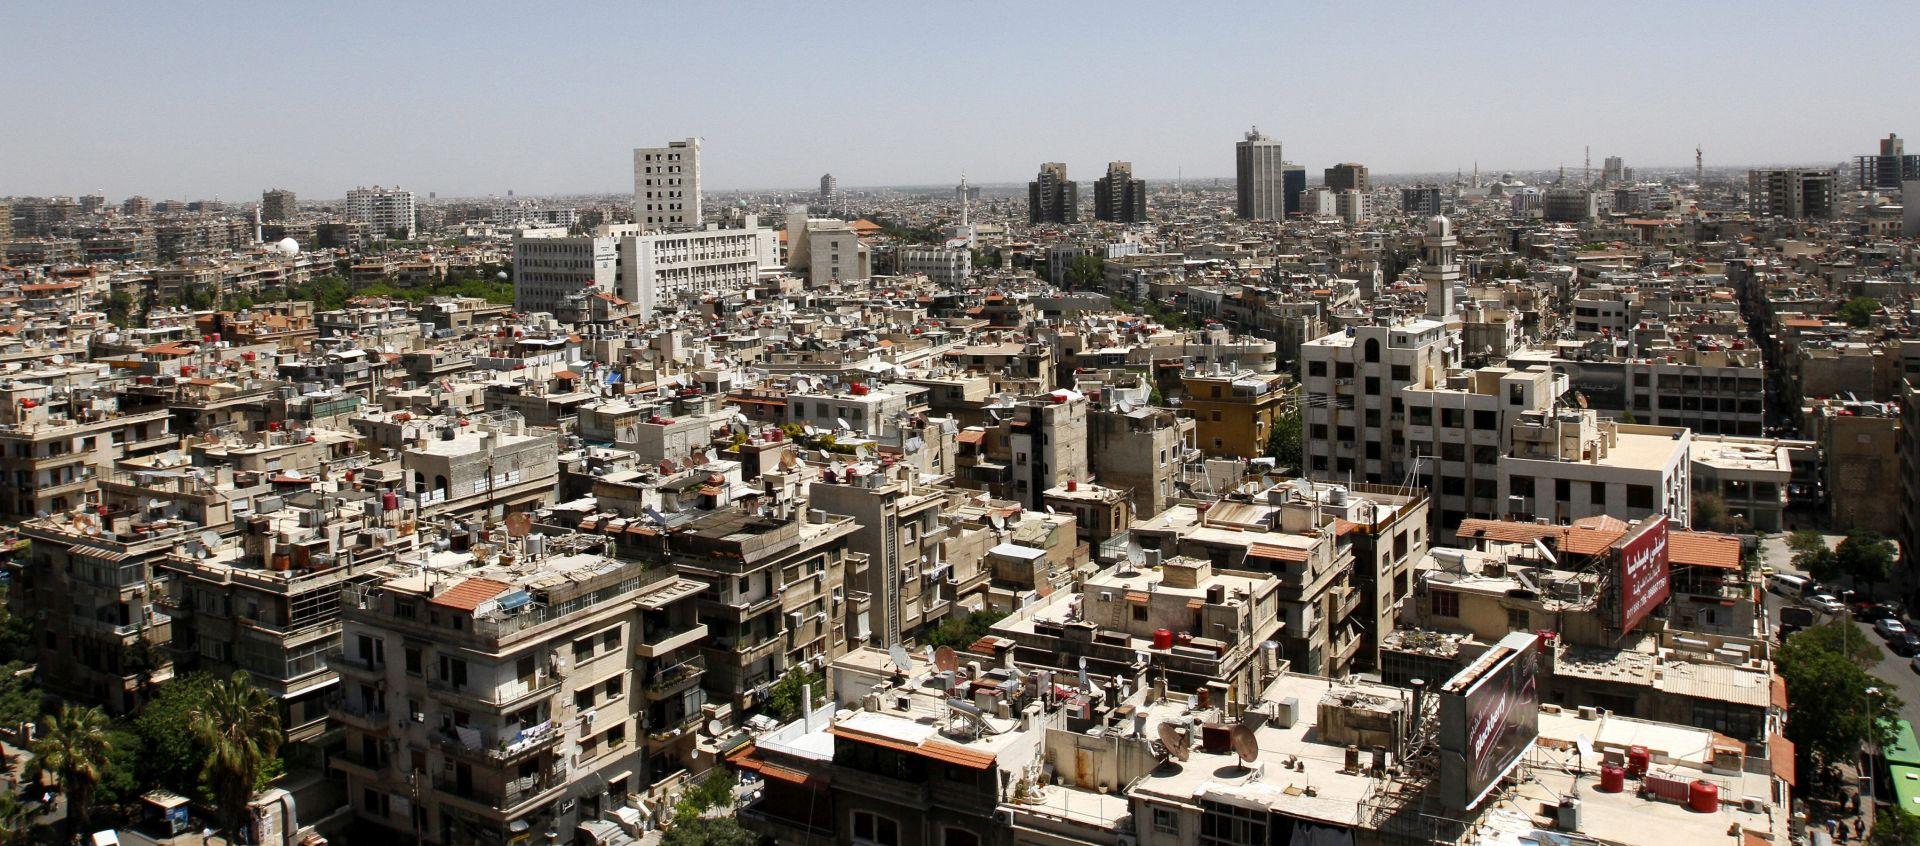 UJEDINJENI NARODI Milijun opkoljenih Sirijaca, njihov broj se više nego udvostručio u godinu dana